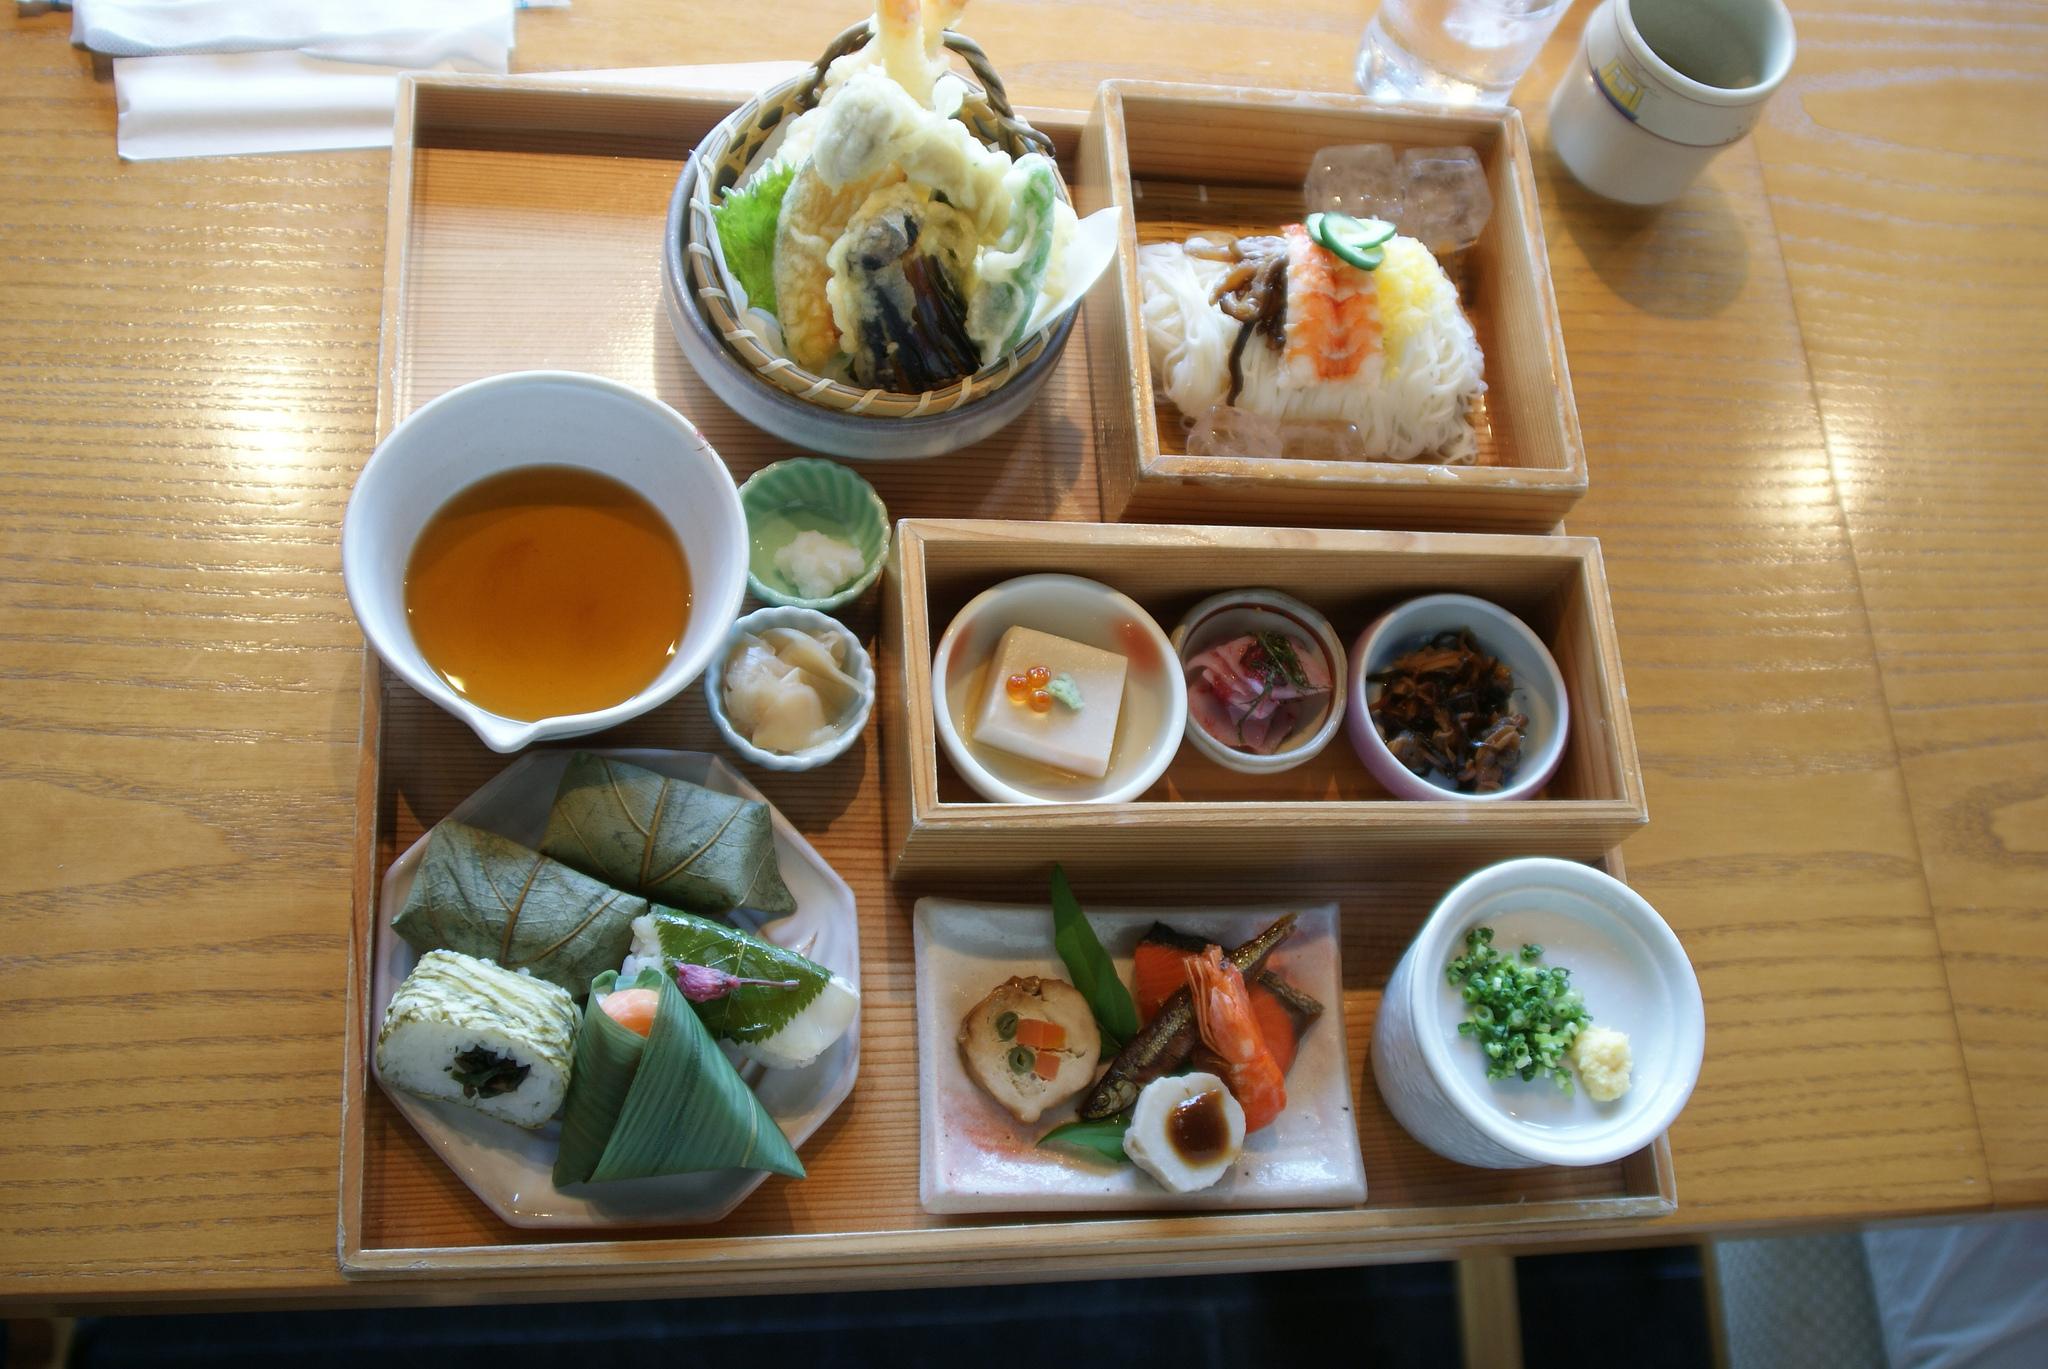 Dieta Okinawa to styl życia